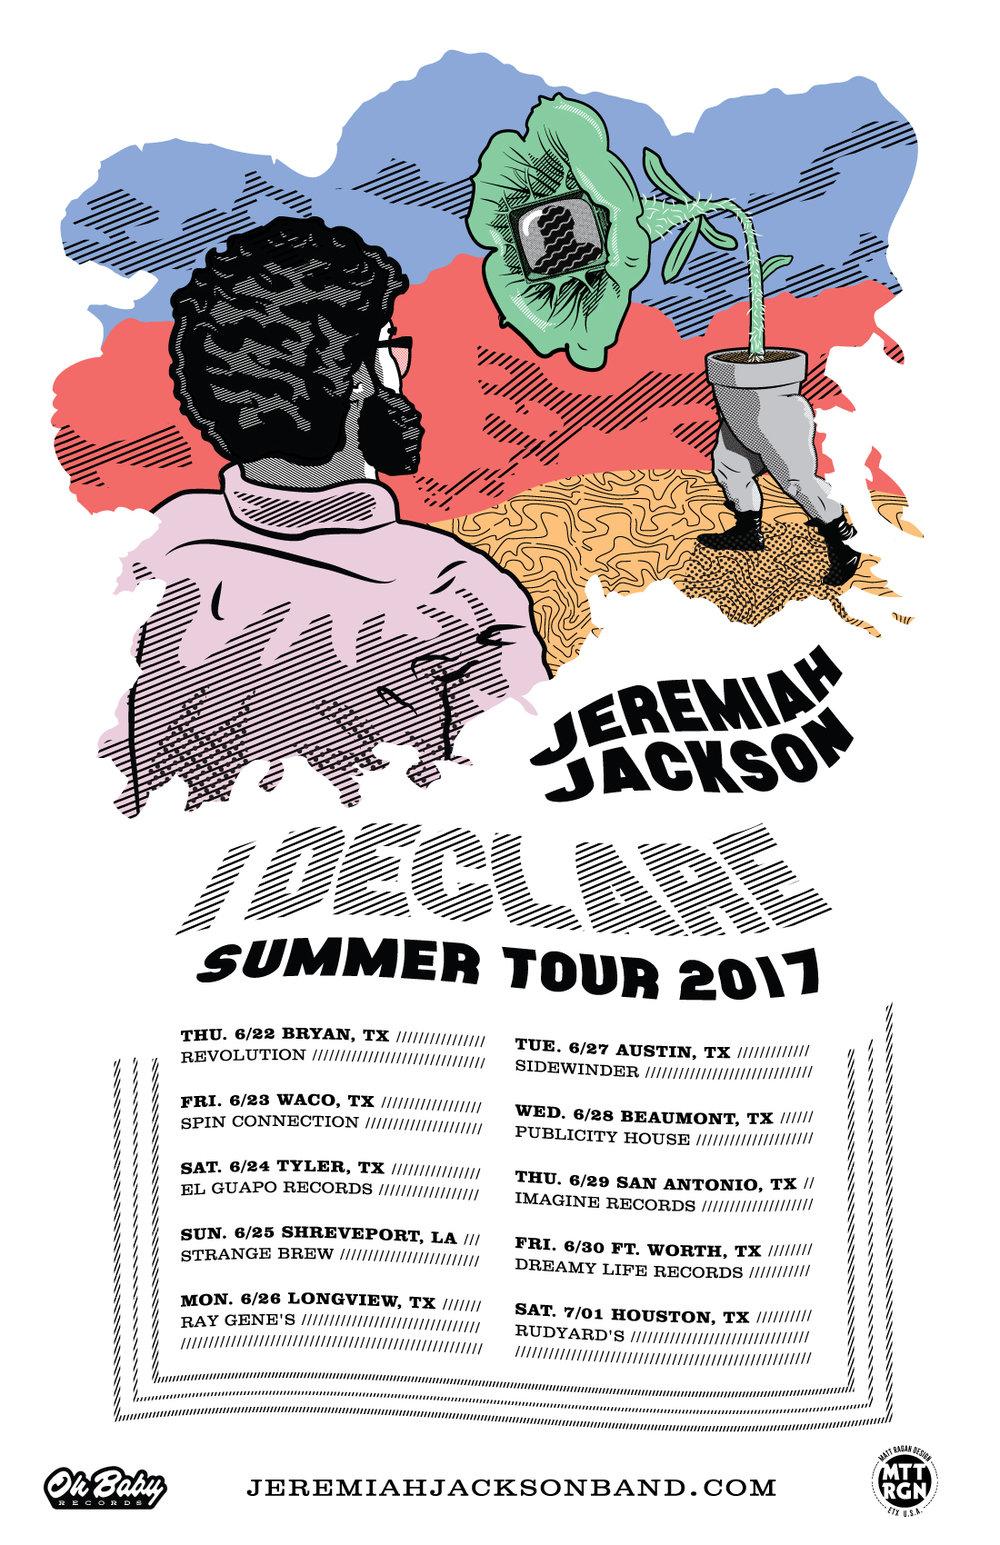 Tour Poster courtesy of Jeremiah Jackson - Album & Tour Poster Art by Matt Ragan